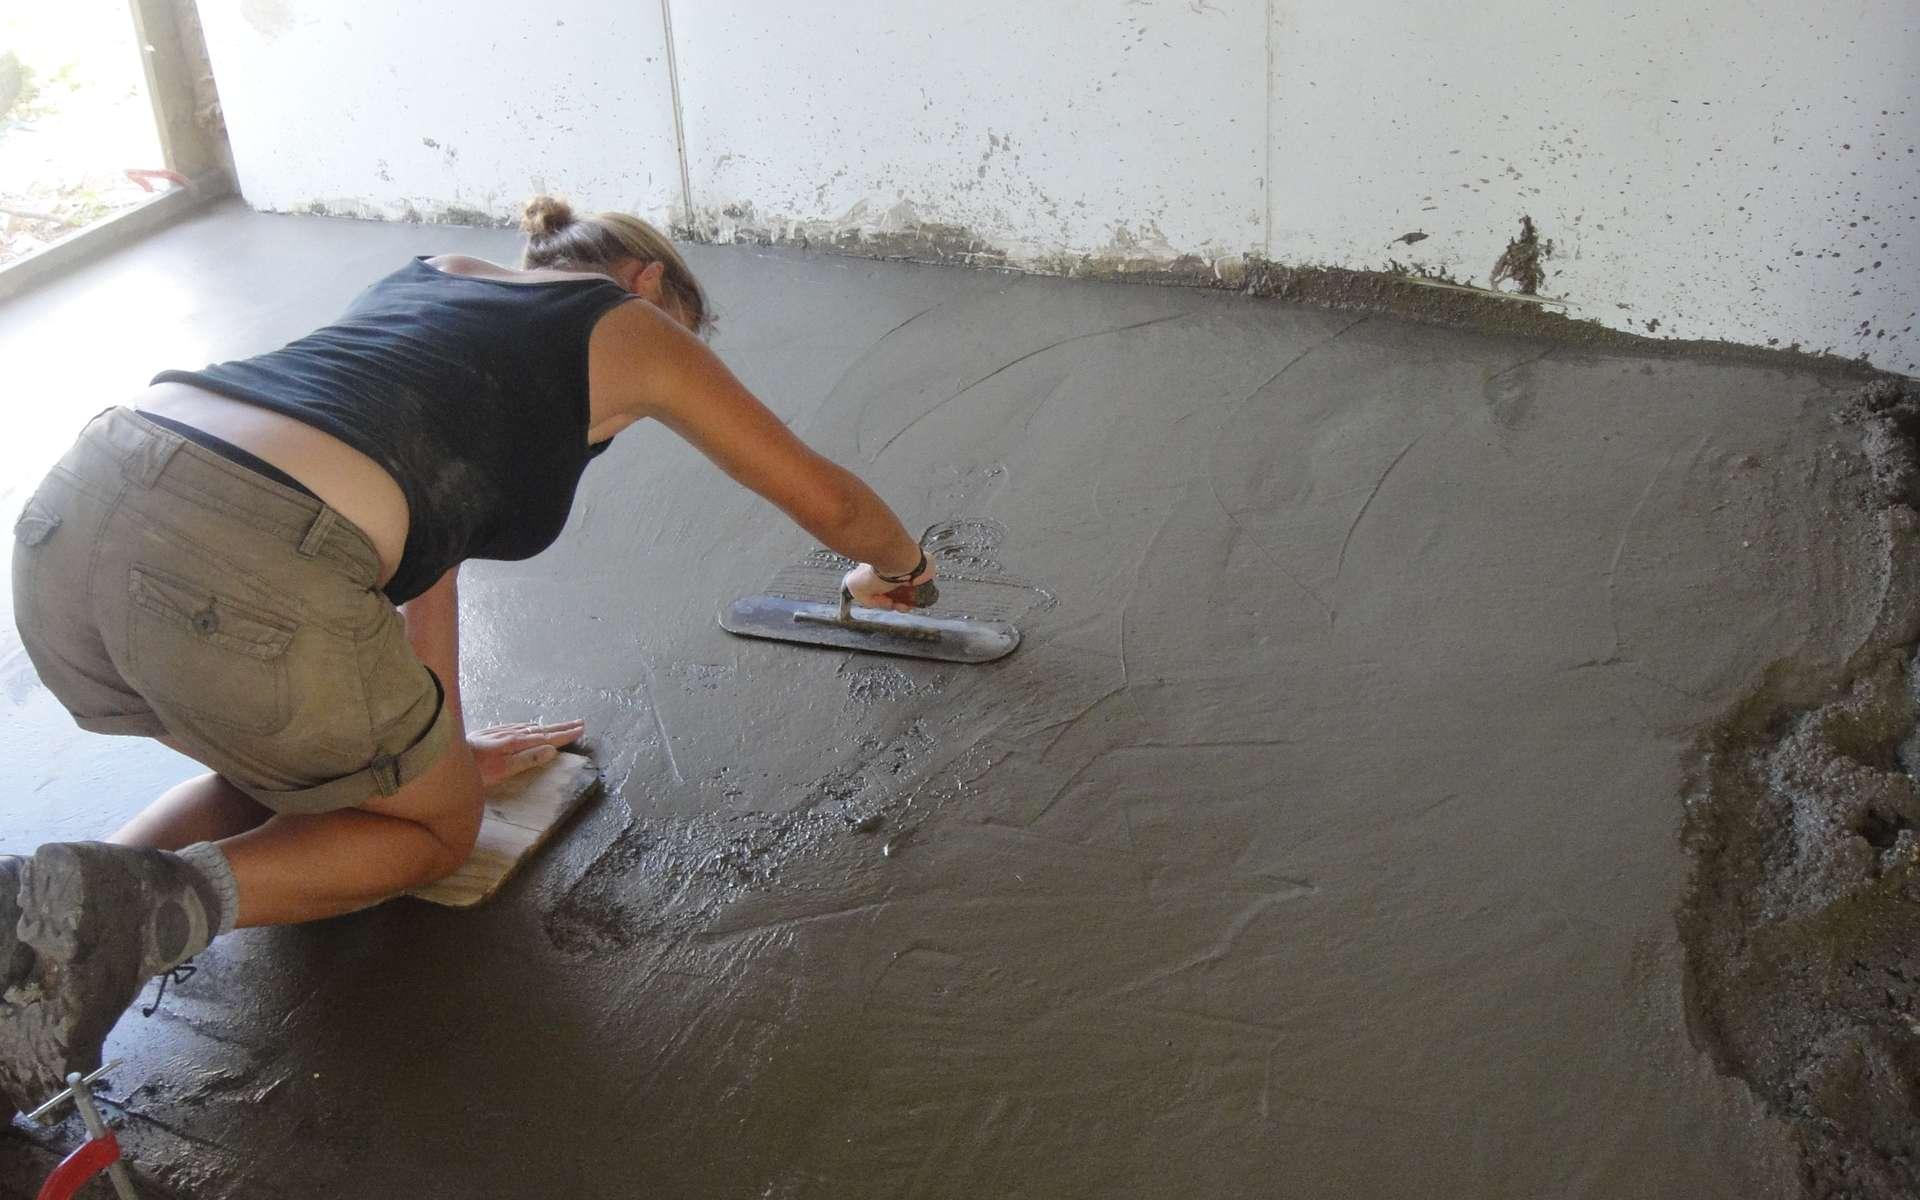 Avant le ragréage, il faut que le sol soit sain et sec. © EDV Media director, Flickr, CC BY 2.0